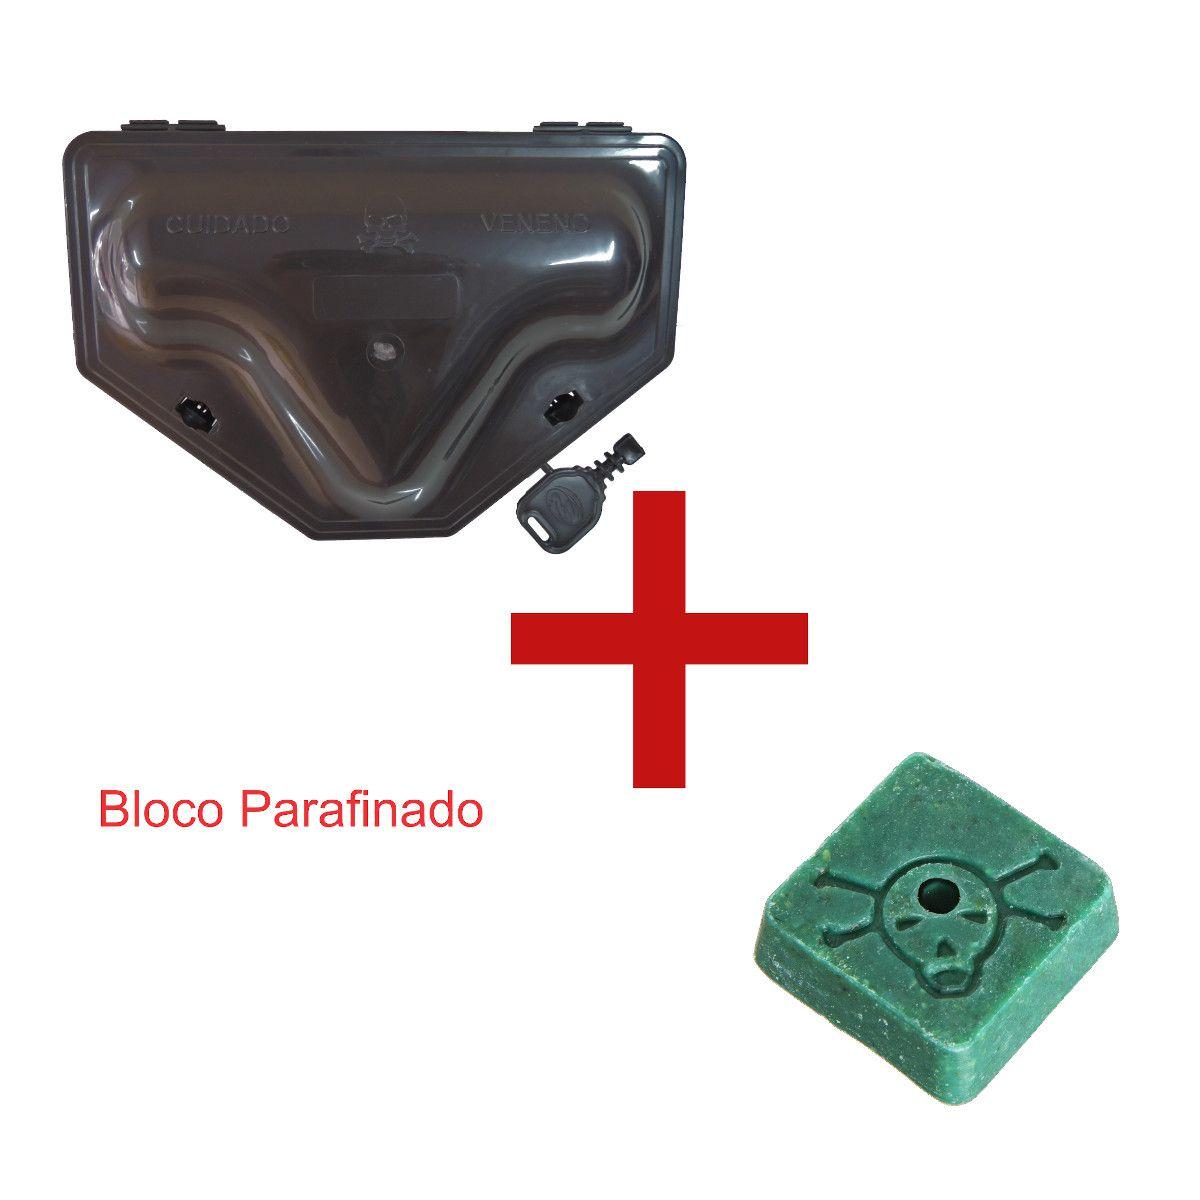 KIT 65 Porta Iscas Forte Ratoeira Mata Ratos 2 TRAVAS Chave